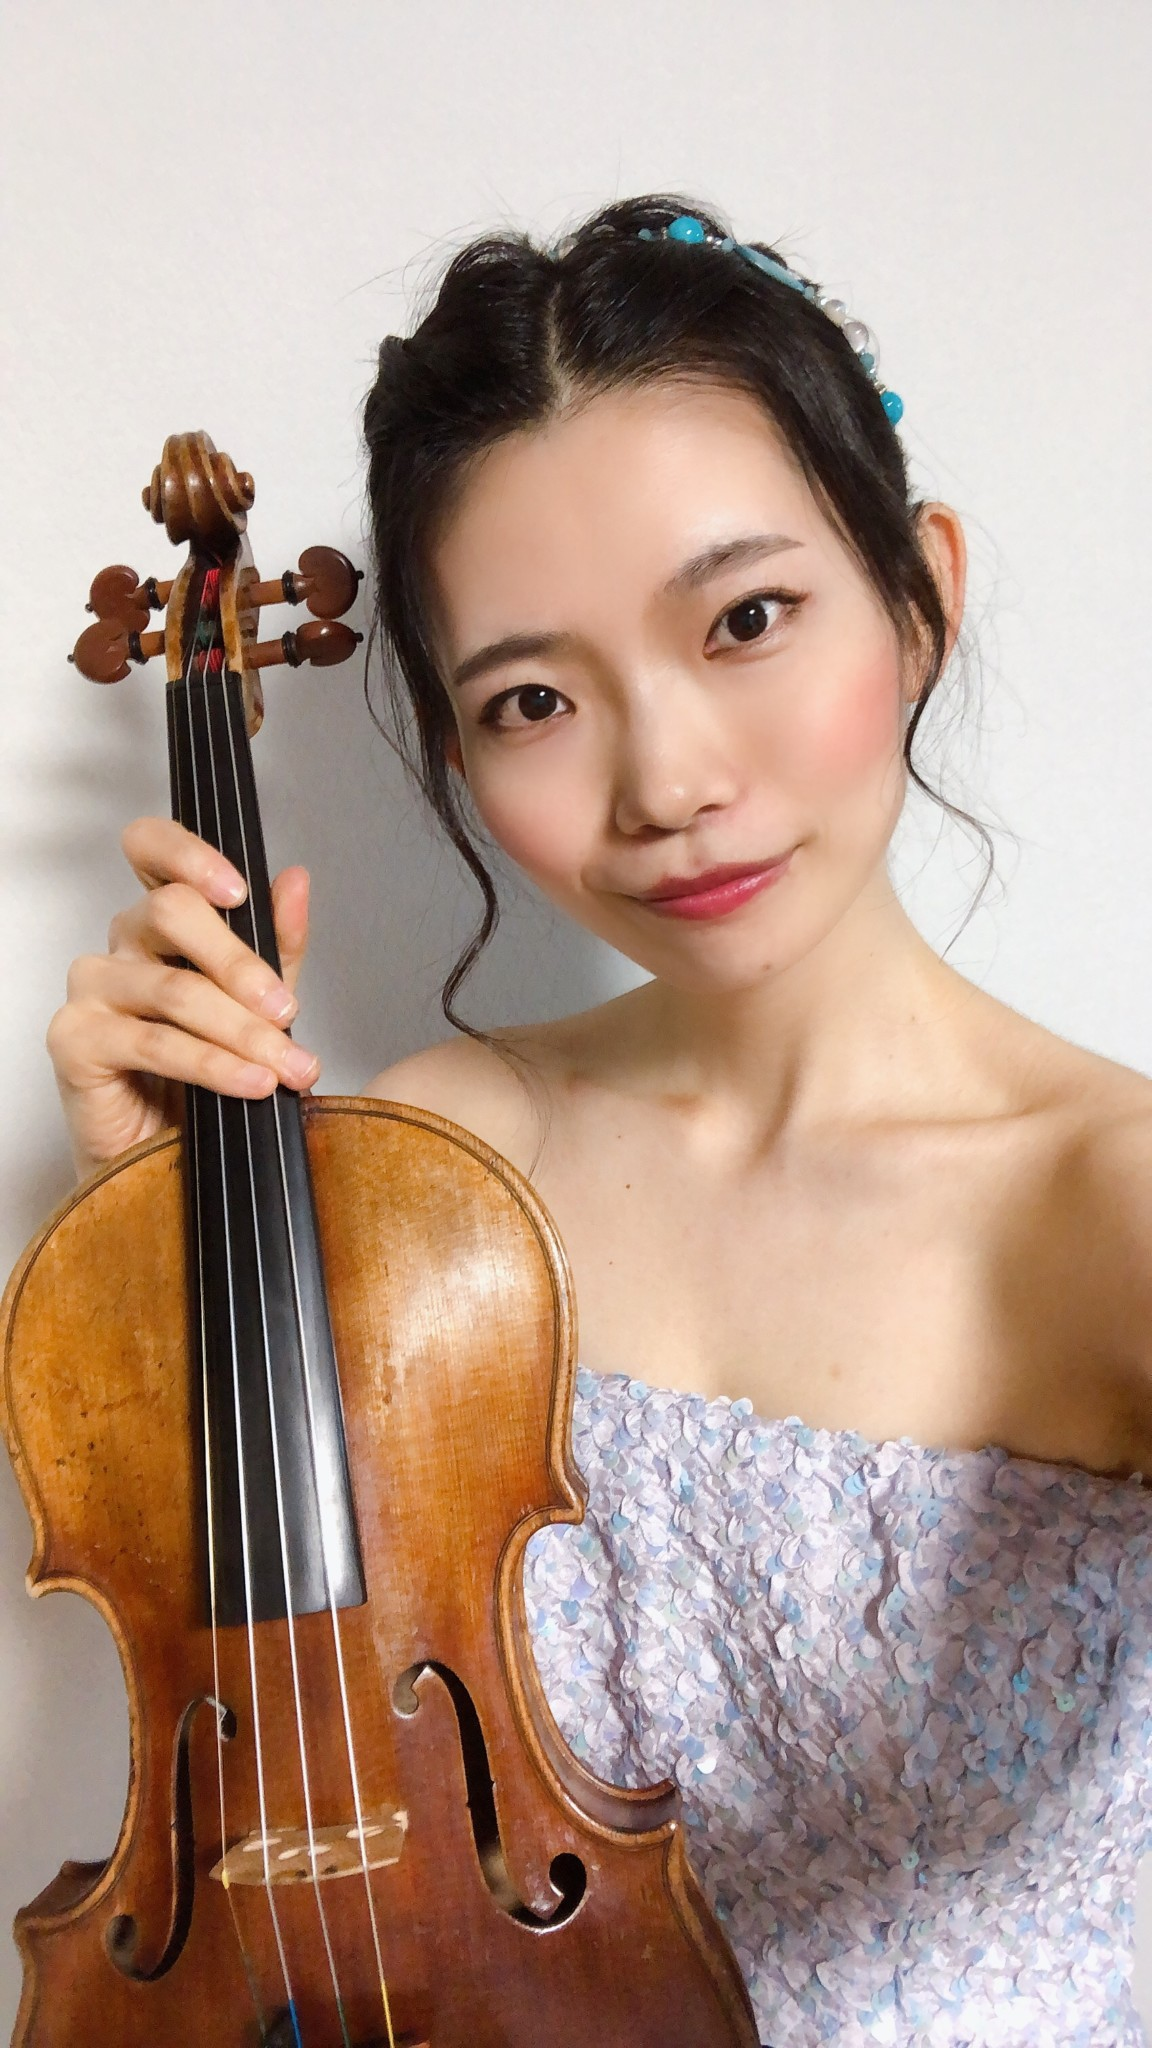 美人バイオリン奏者のリモート演奏でした